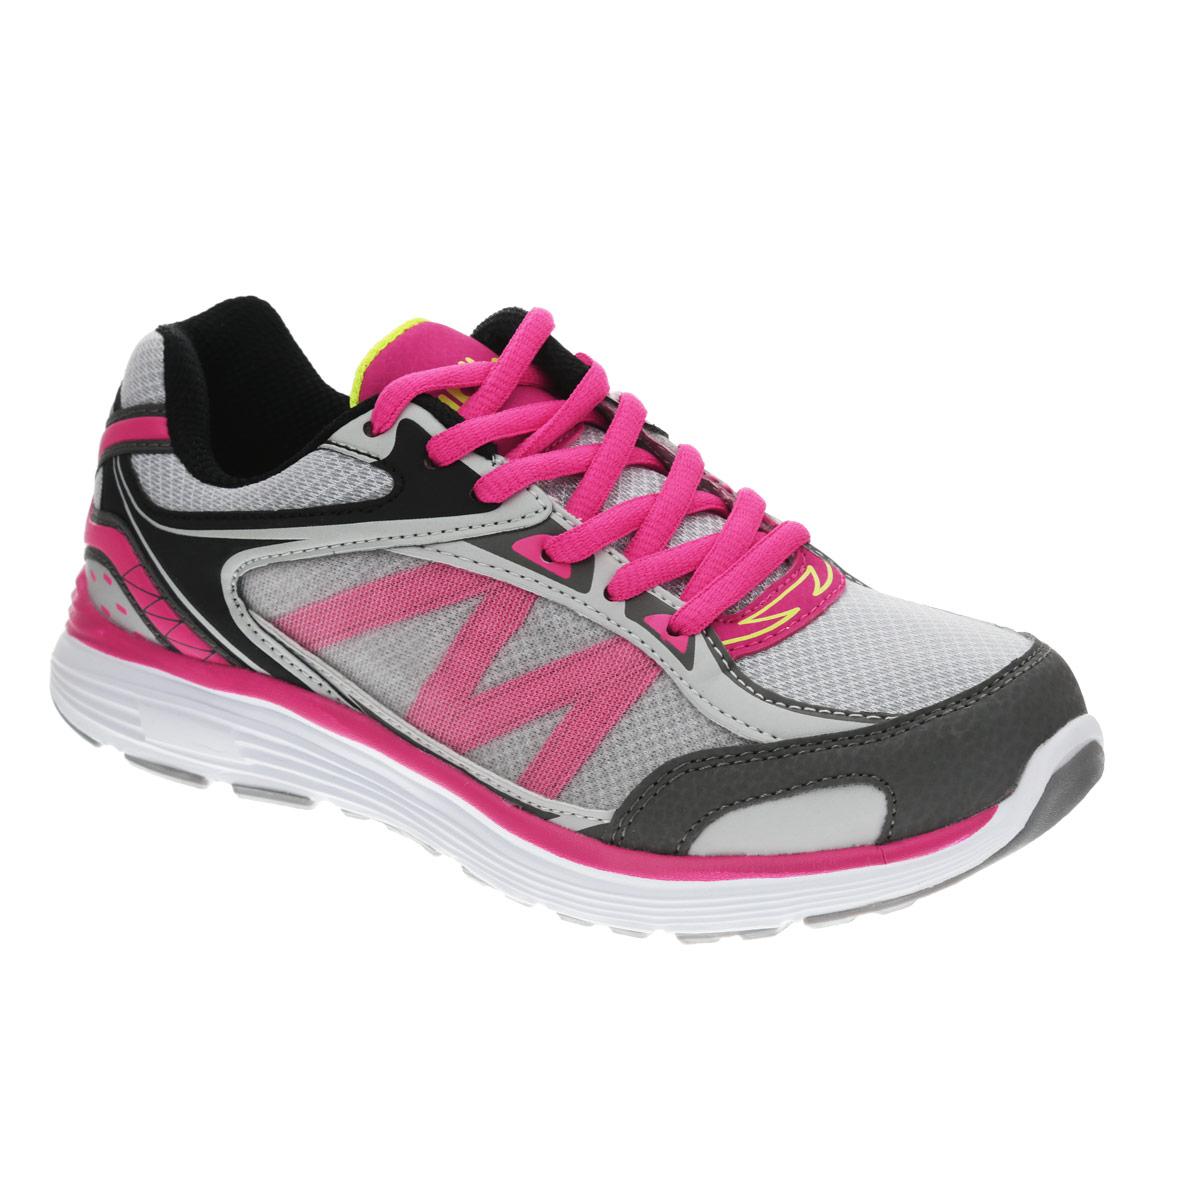 74191-1Модные кроссовки от Kapika очаруют вашу девочку с первого взгляда! Модель изготовлена из дышащего текстиля со вставками из искусственной кожи и оформлена на язычке названием бренда, на заднике - надписью Sport. Шнуровка надежно фиксирует обувь на ноге. Стелька EVA с текстильной поверхностью эффективно поглощает запахи и влагу, снижает утомляемость ног при длительных физических нагрузках, обеспечивает отличную амортизацию. Супинатор на стельке предотвращает развитие плоскостопия. Подошва с протектором гарантирует отличное сцепление с любыми поверхностями. Стильные кроссовки займут достойное место в гардеробе вашего ребенка.